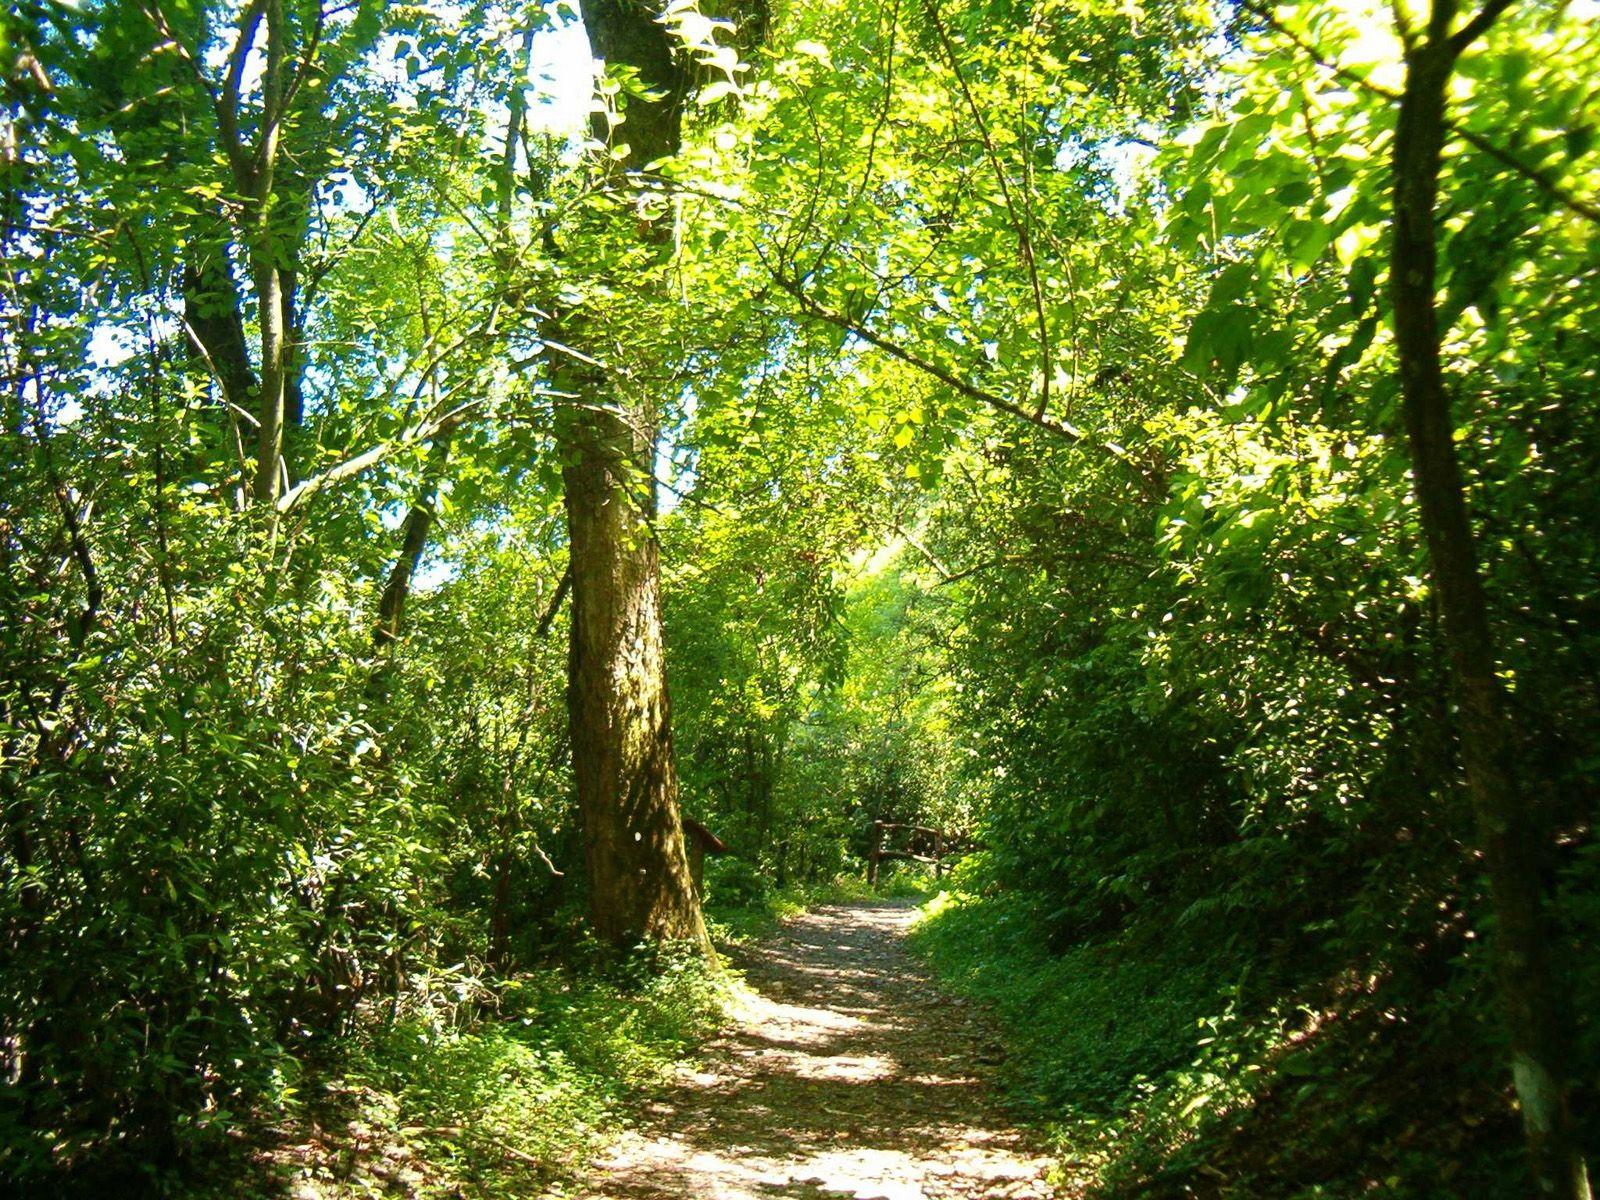 propositions votées en matière investissement forestier et rural lors du 114ème congrès des notaires en France